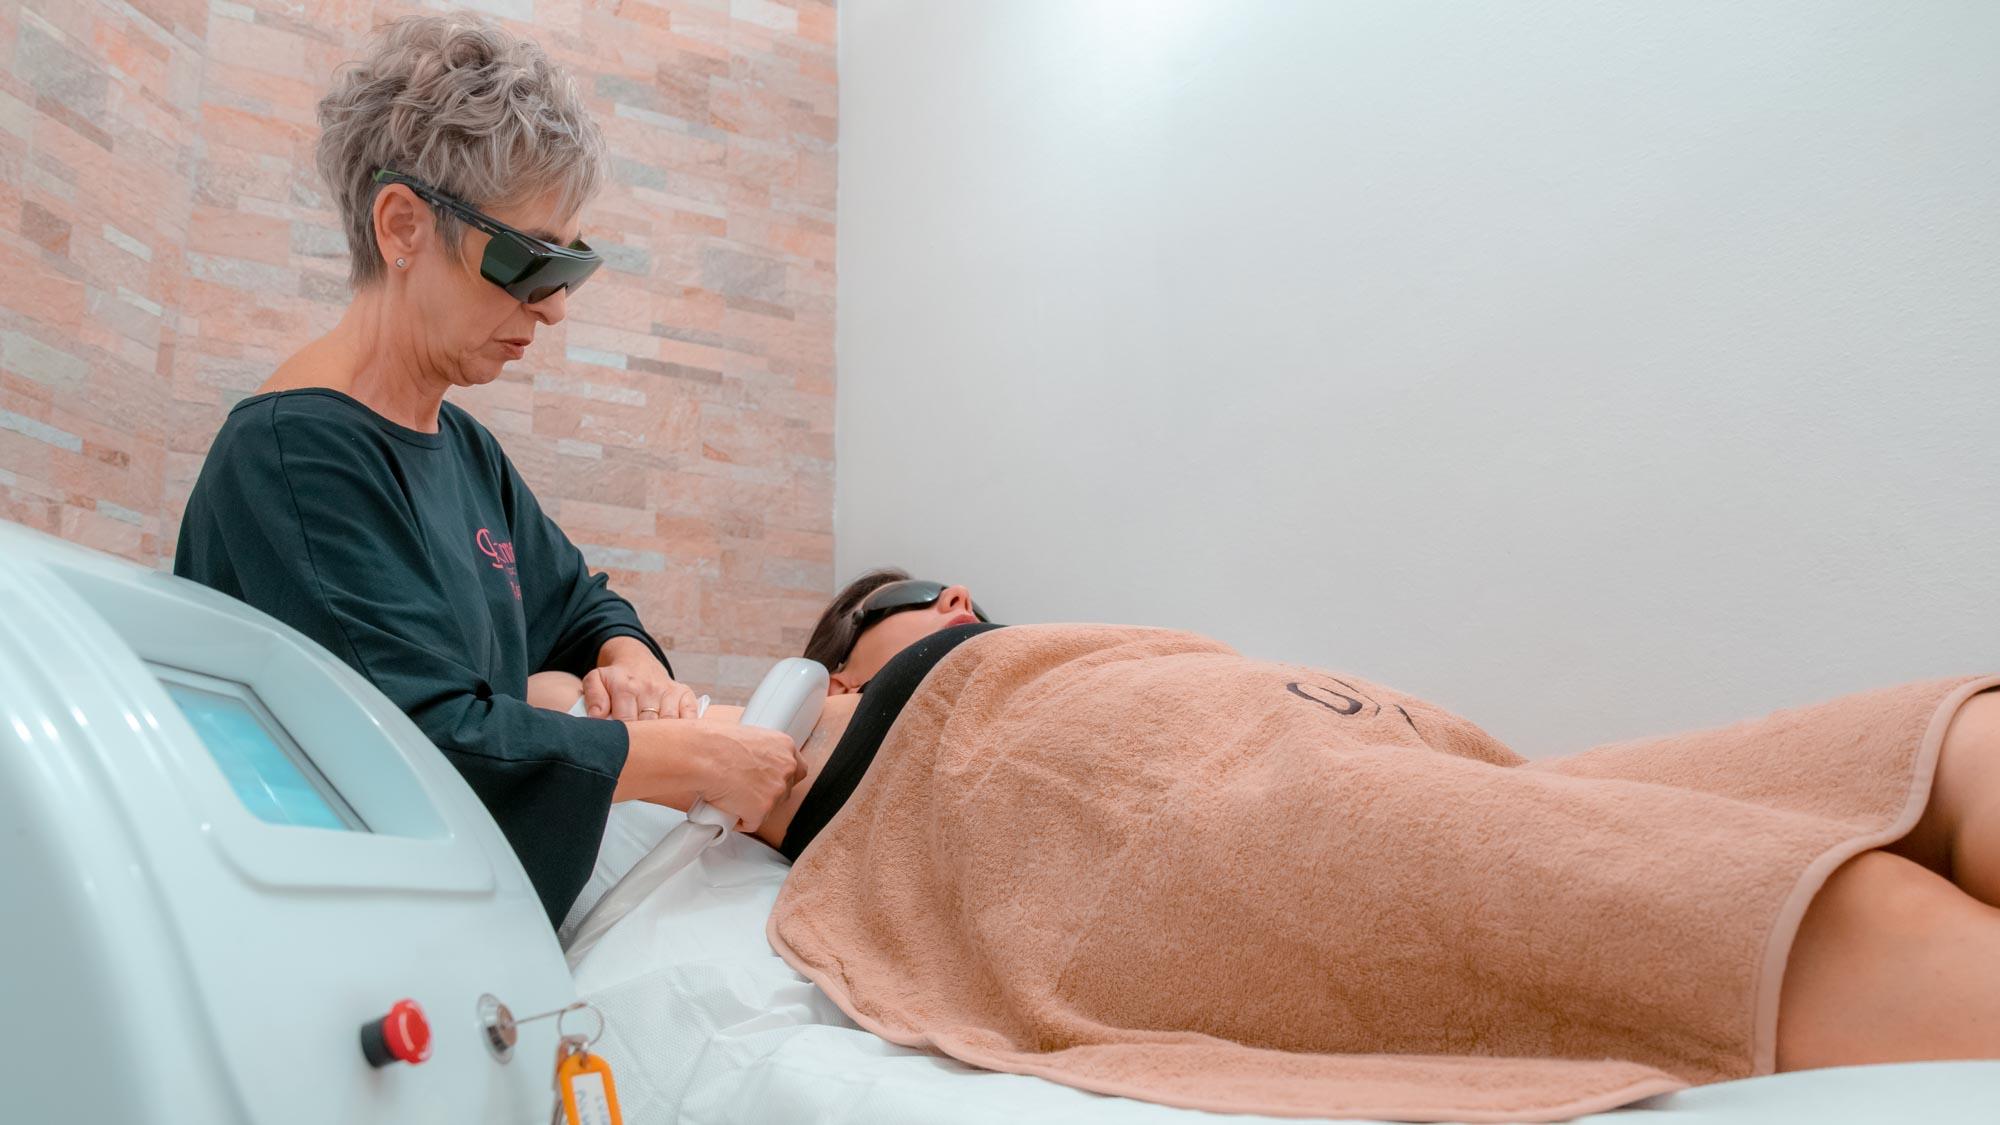 Donna In epilazione laser